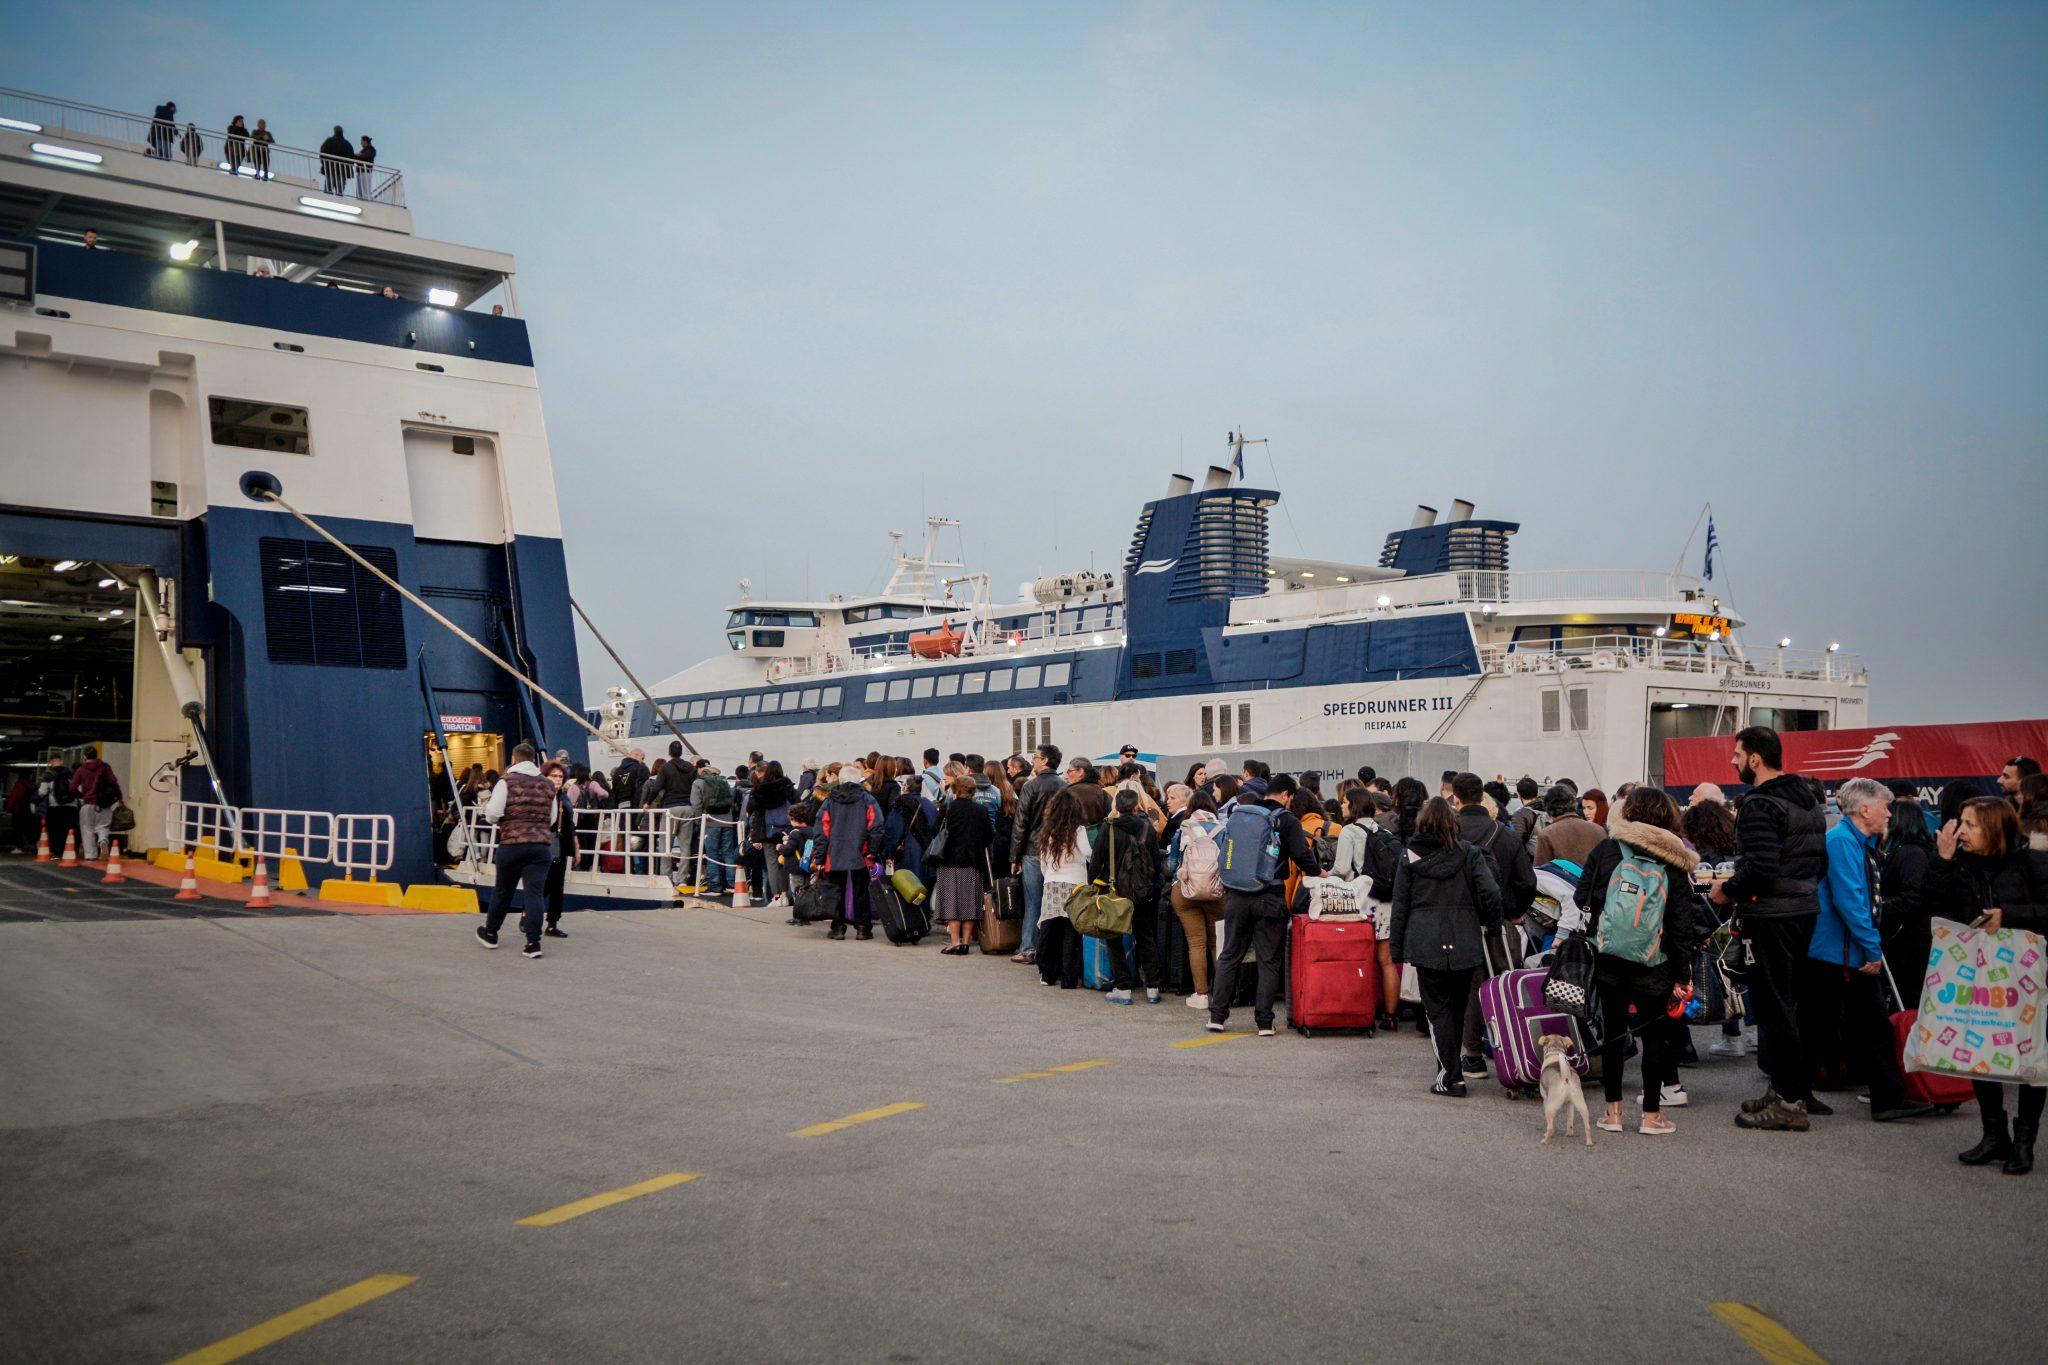 Τα νέα μέτρα για τις μετακινήσεις - Πώς θα γίνονται πλέον τα ταξίδια με αεροπλάνα και πλοία